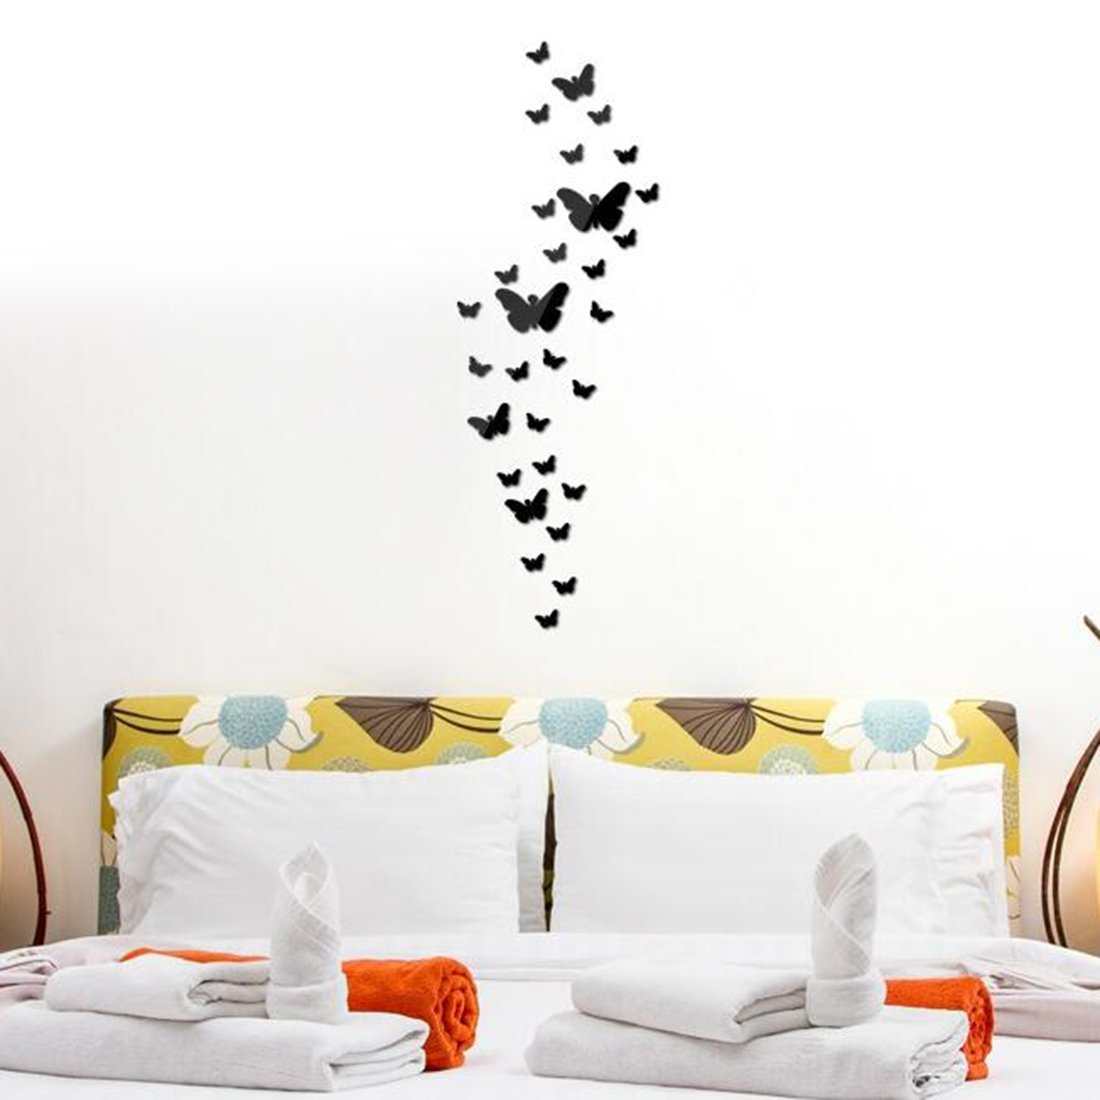 Трафарет на стену бабочками своими руками фото